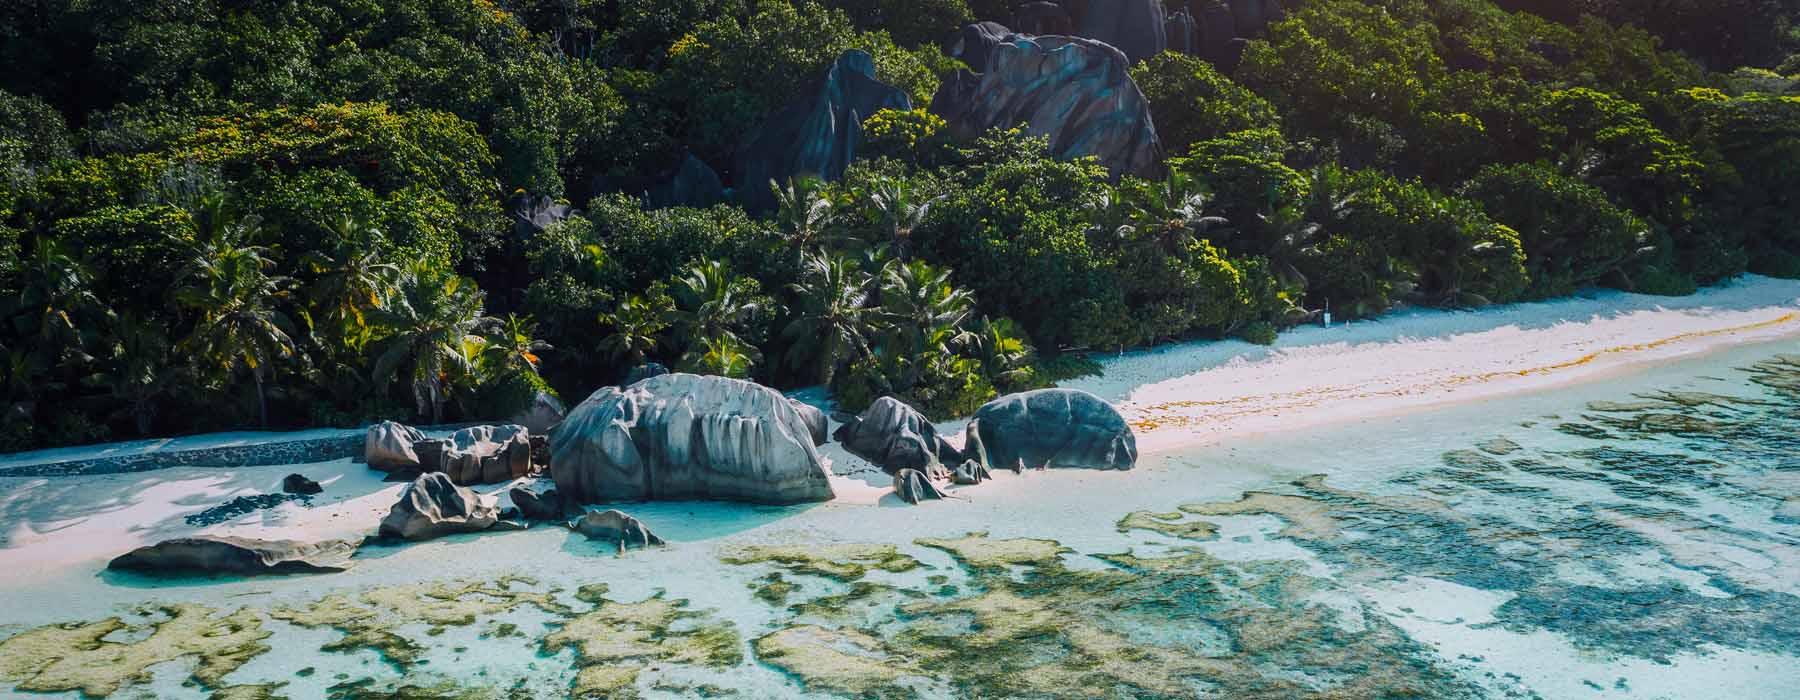 voyage seychelles sur mesure  u2013 voyageurs du monde